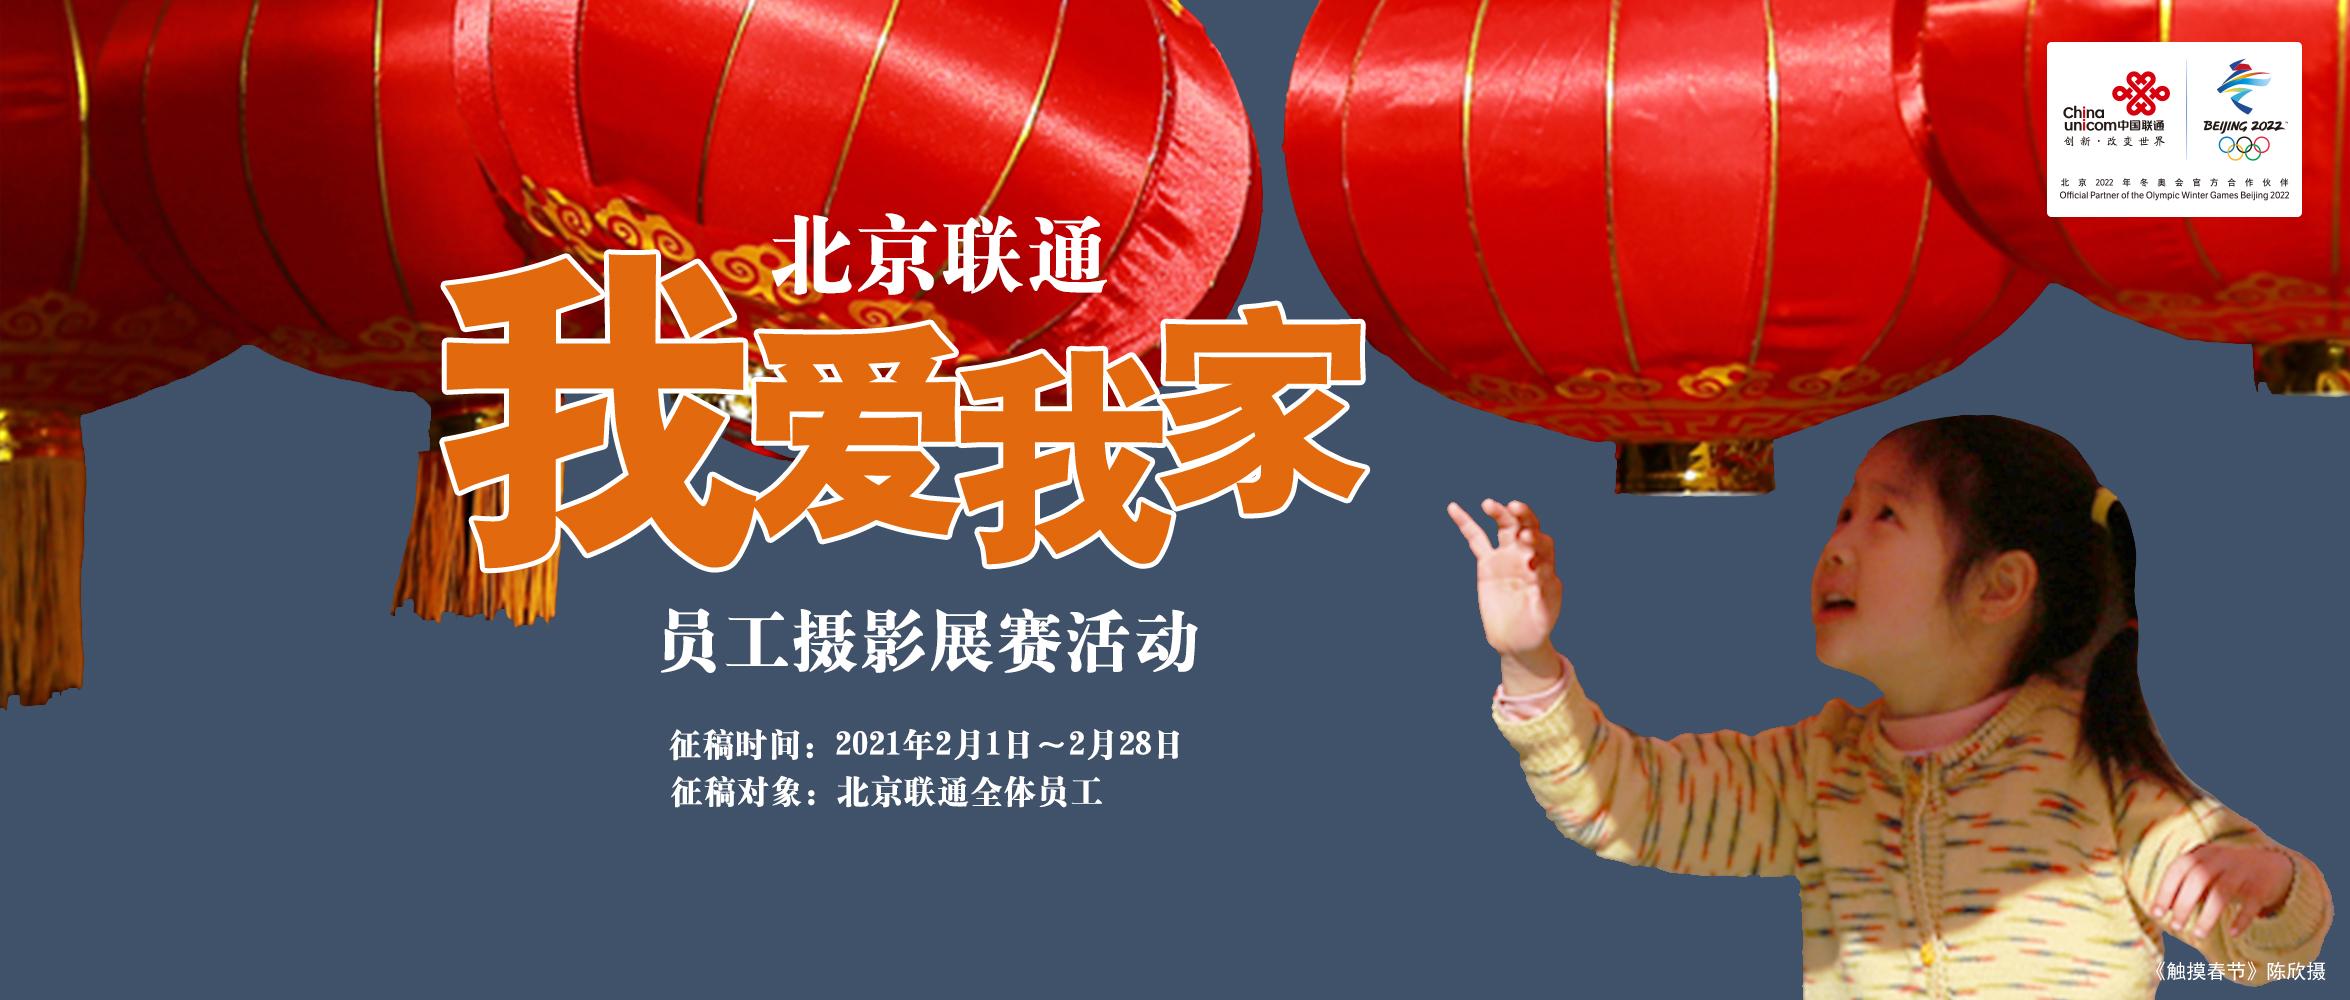 """2021北京联通""""我爱我家""""员工摄影展赛活动的2350-1000.jpg"""